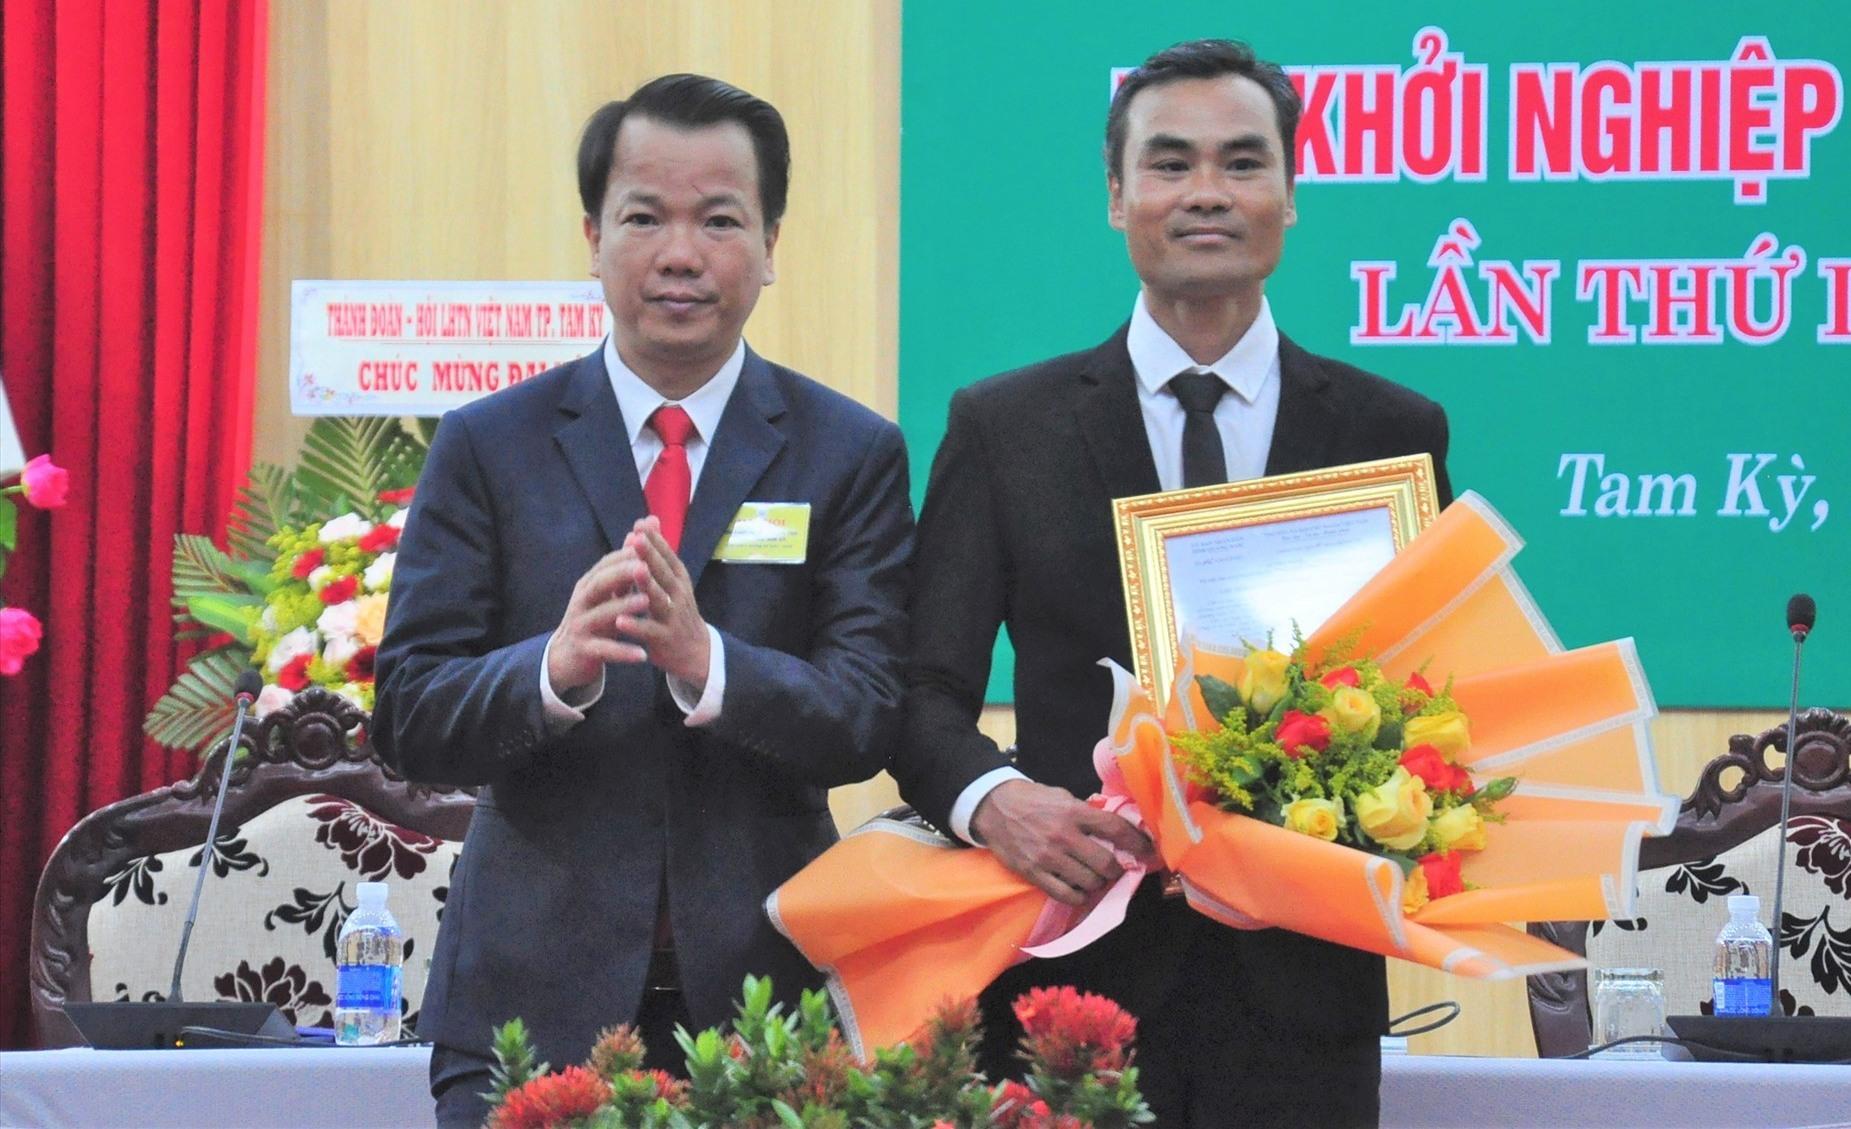 Ông Nguyễn Minh Nam - Phó Chủ tịch UBND TP.Tam Kỳ trao quyết định thành lập và tặng hoa chúc mừng Hội KN sáng tạo TP.Tam Kỳ. Ảnh: VINH ANH